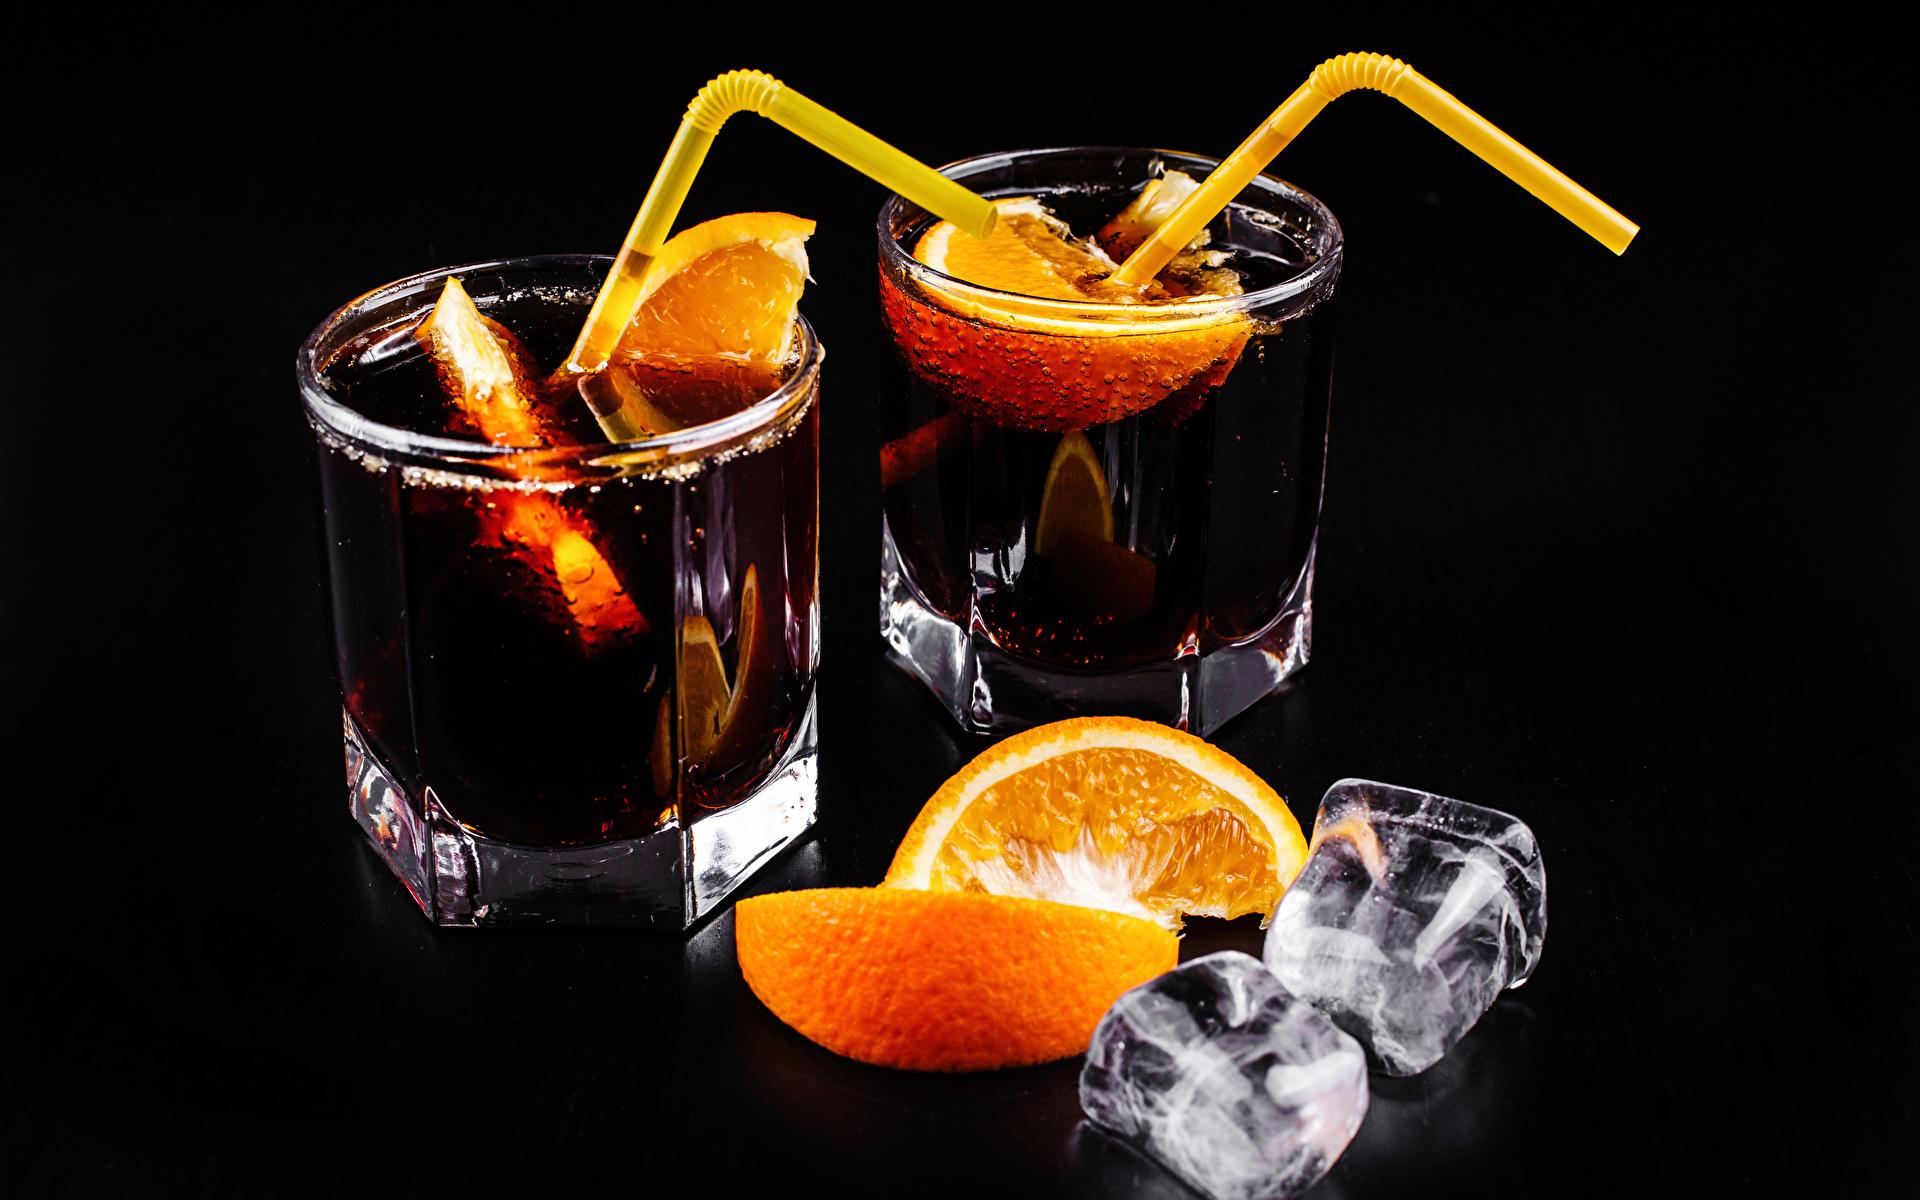 Обои Алкогольные напитки льда Двое Апельсин Стакан Пища Коктейль Черный фон 1920x1200 Лед 2 вдвоем стакана стакане Еда Продукты питания